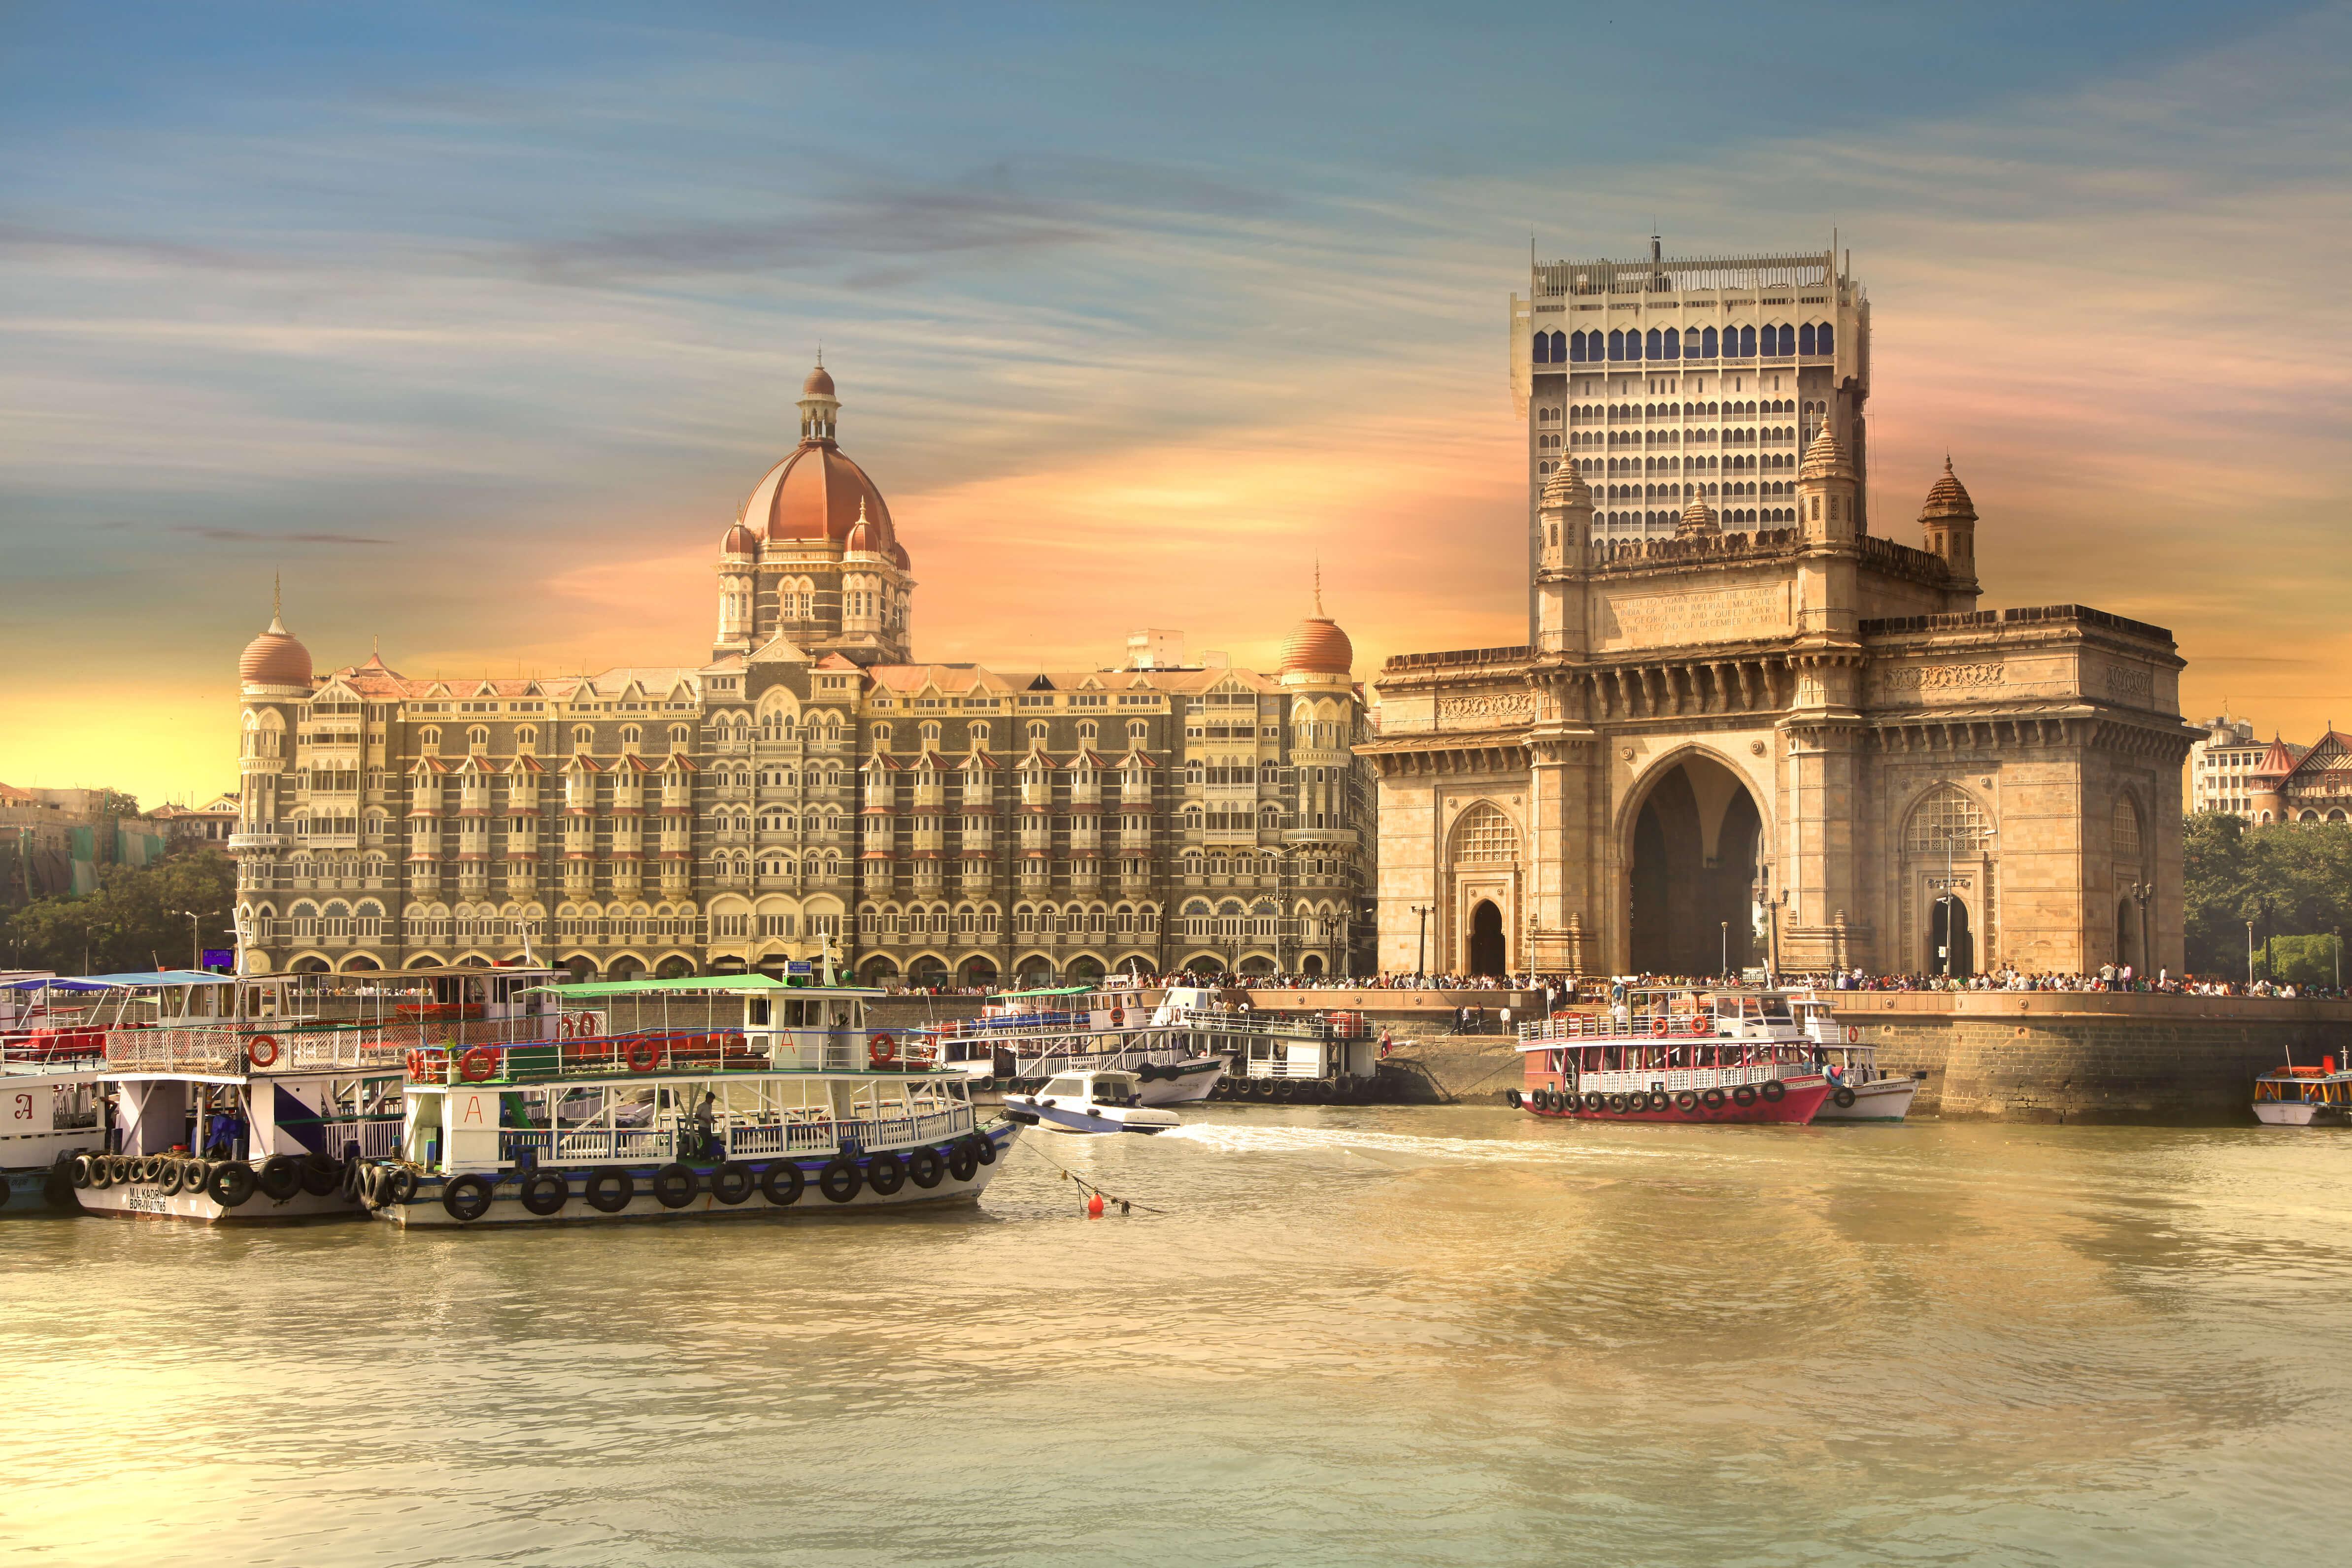 7 טיול מאורגן בהודו - 8 ימים של ארמונות, מקדשים ורכיבה על פילים